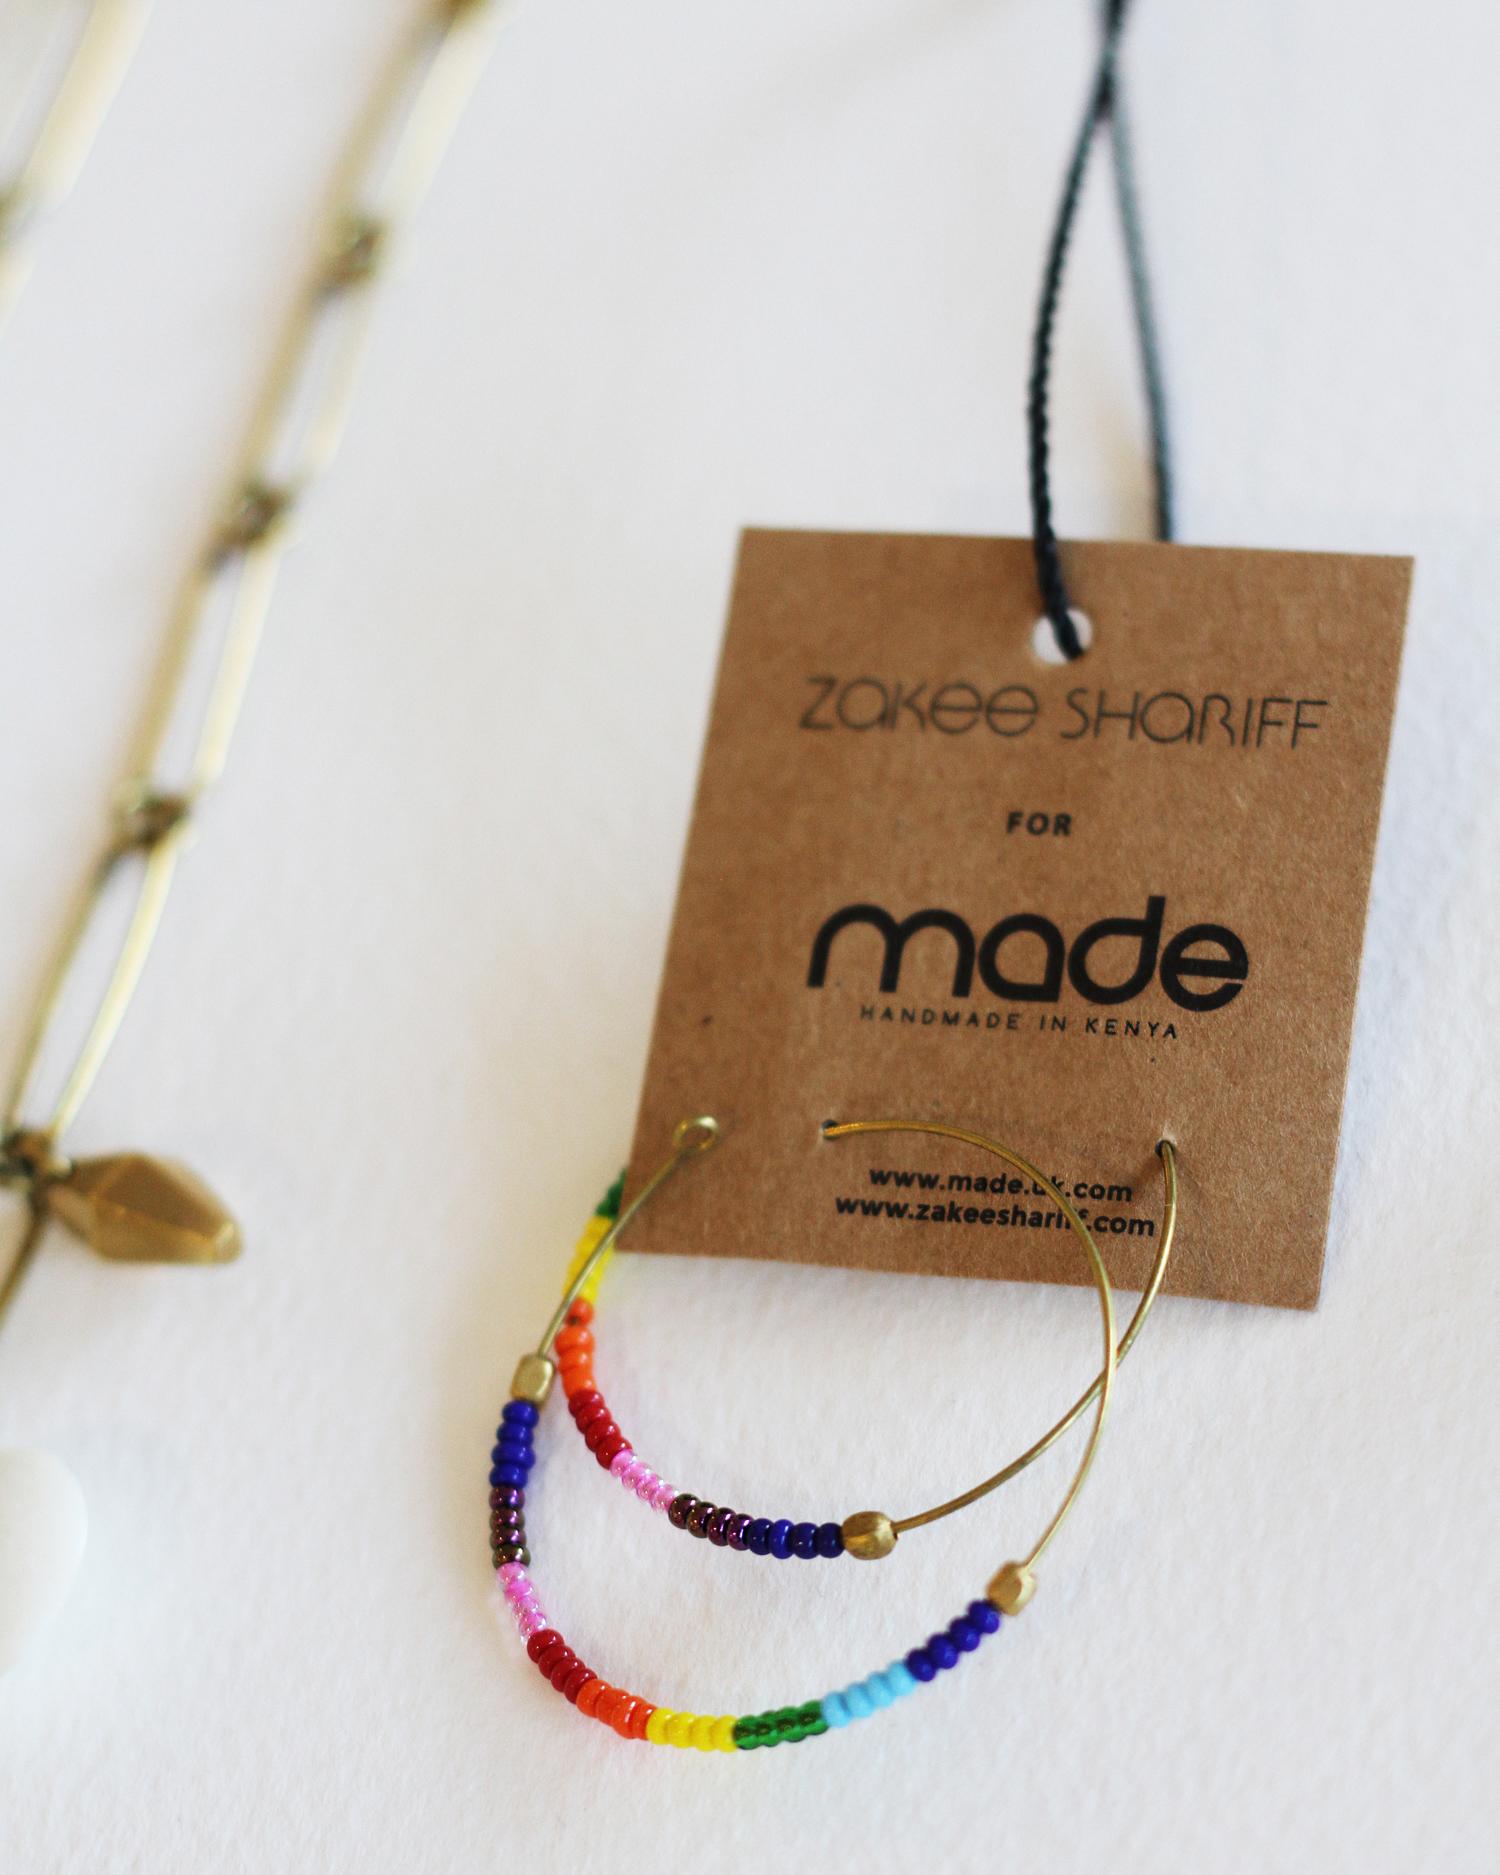 zakee-shariff-made-earrings.jpg